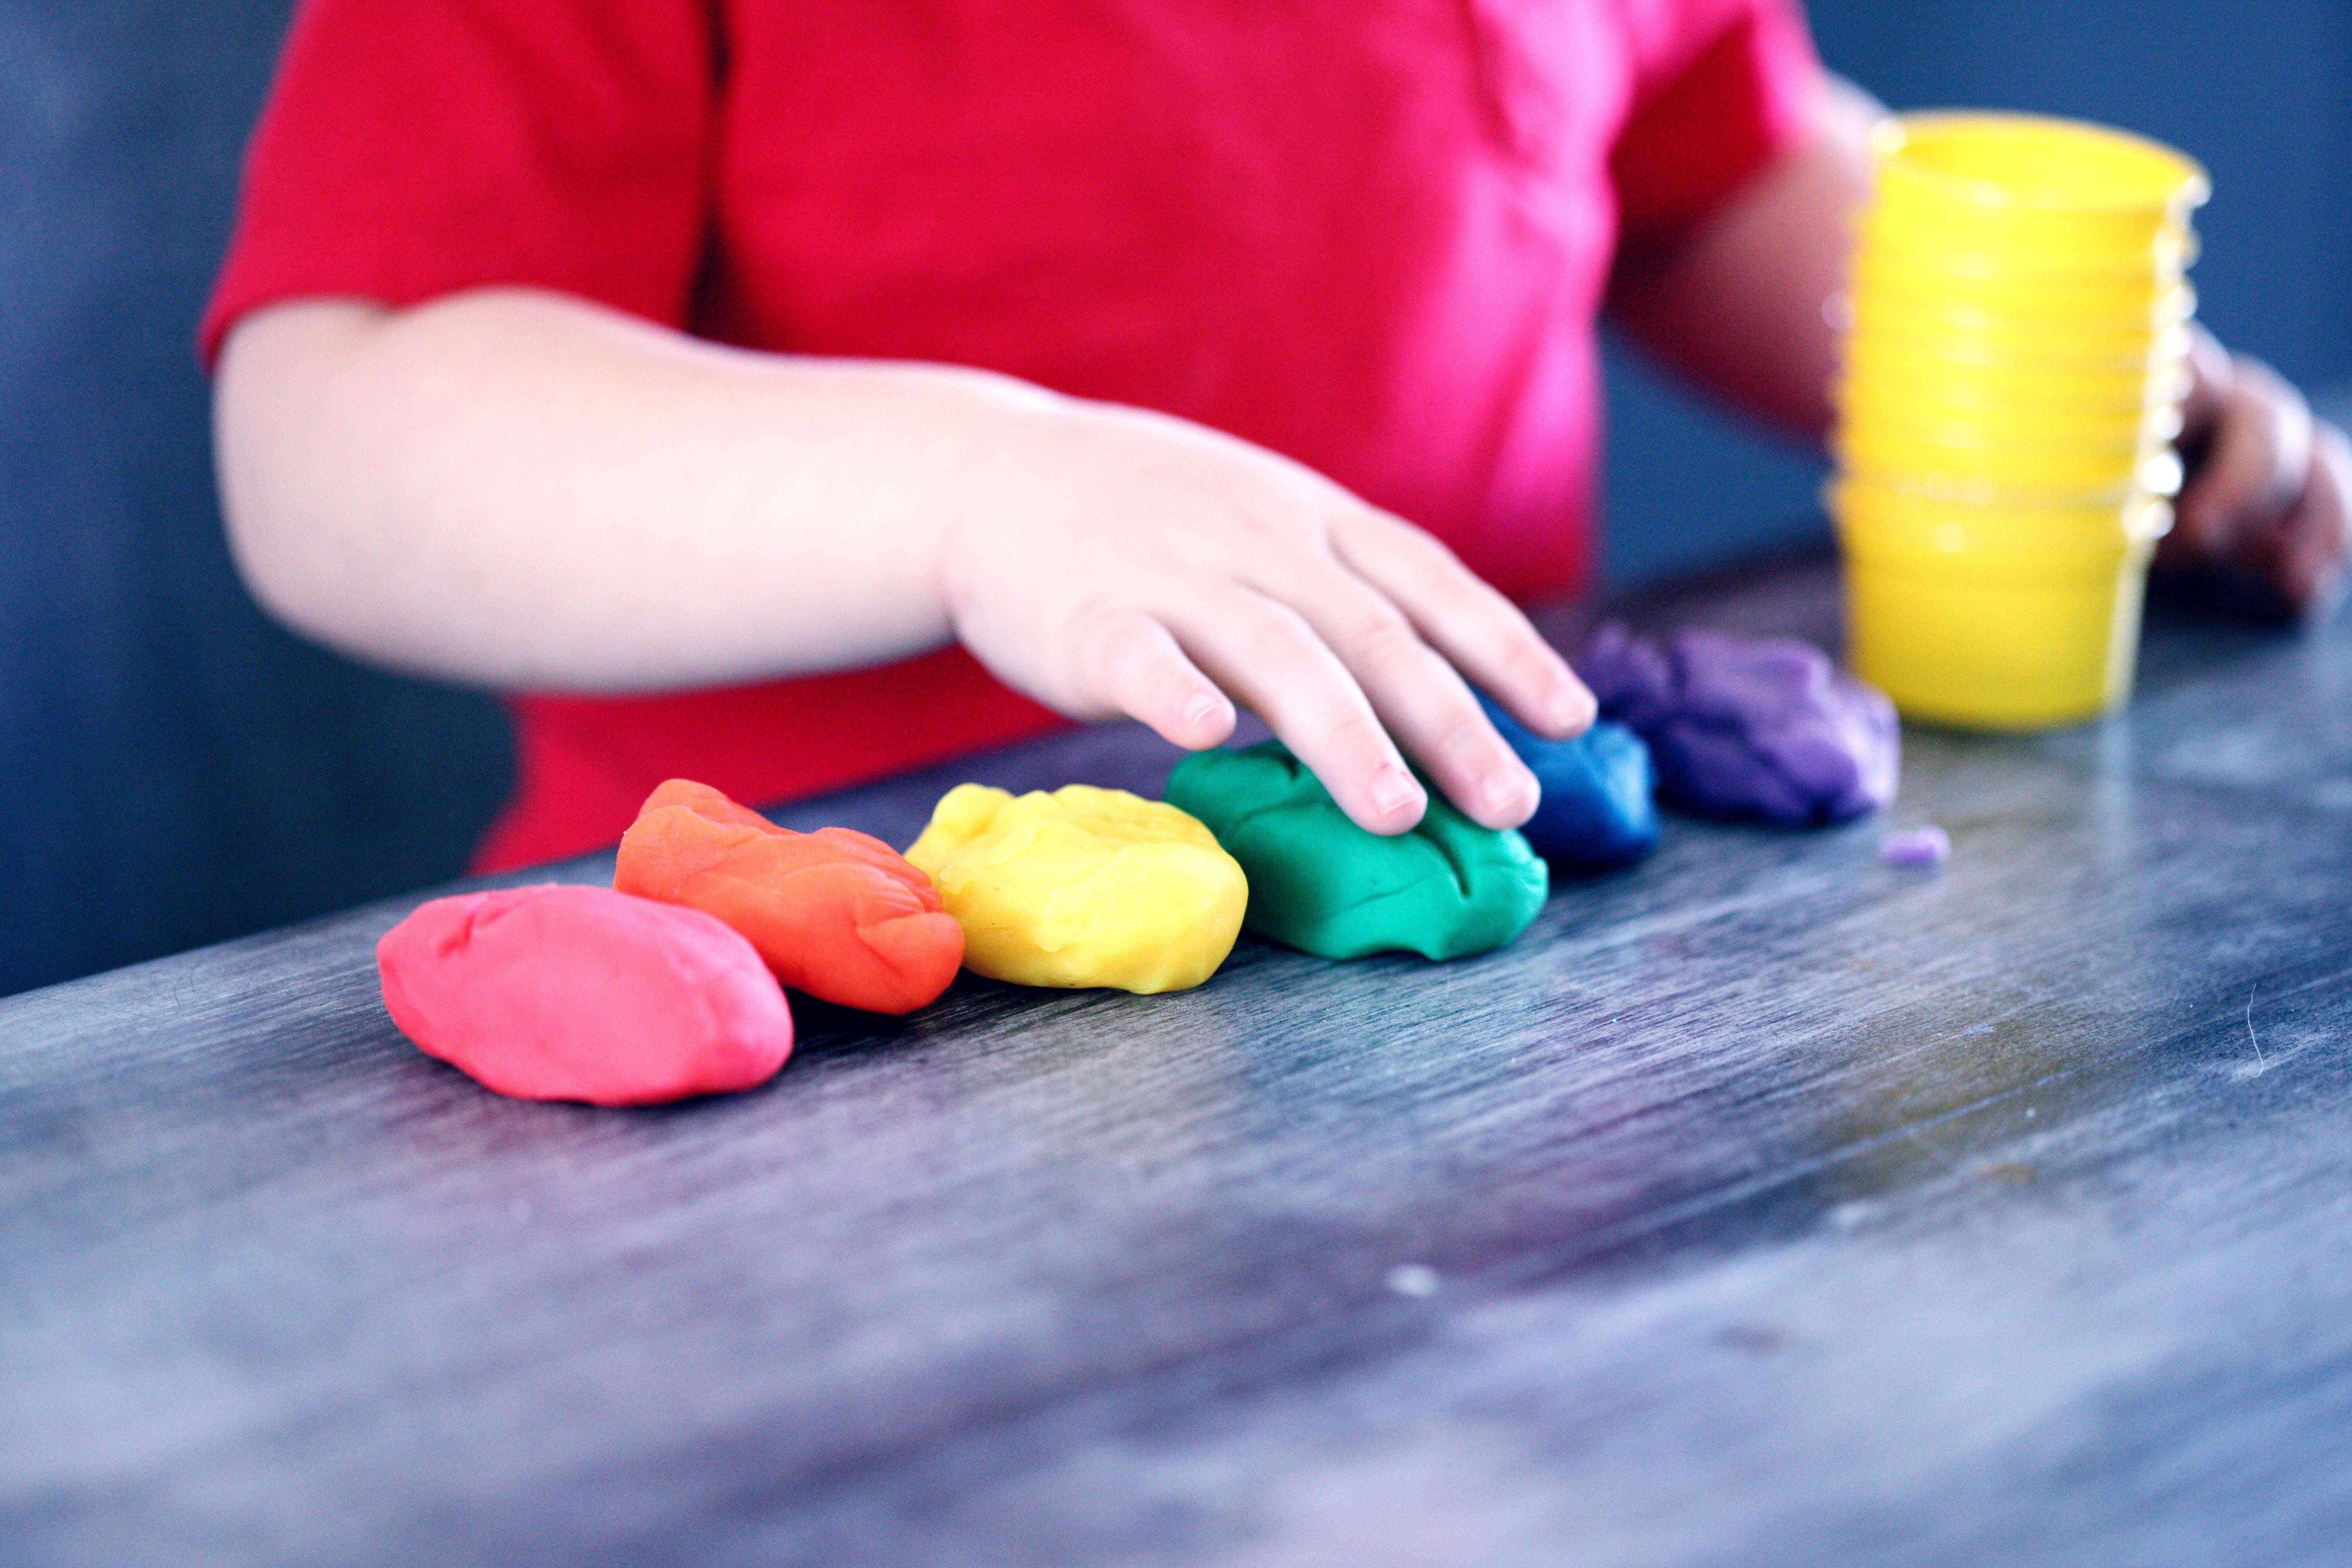 Чек-лист: что должен уметь ребенок в 1 год (сверяйся)